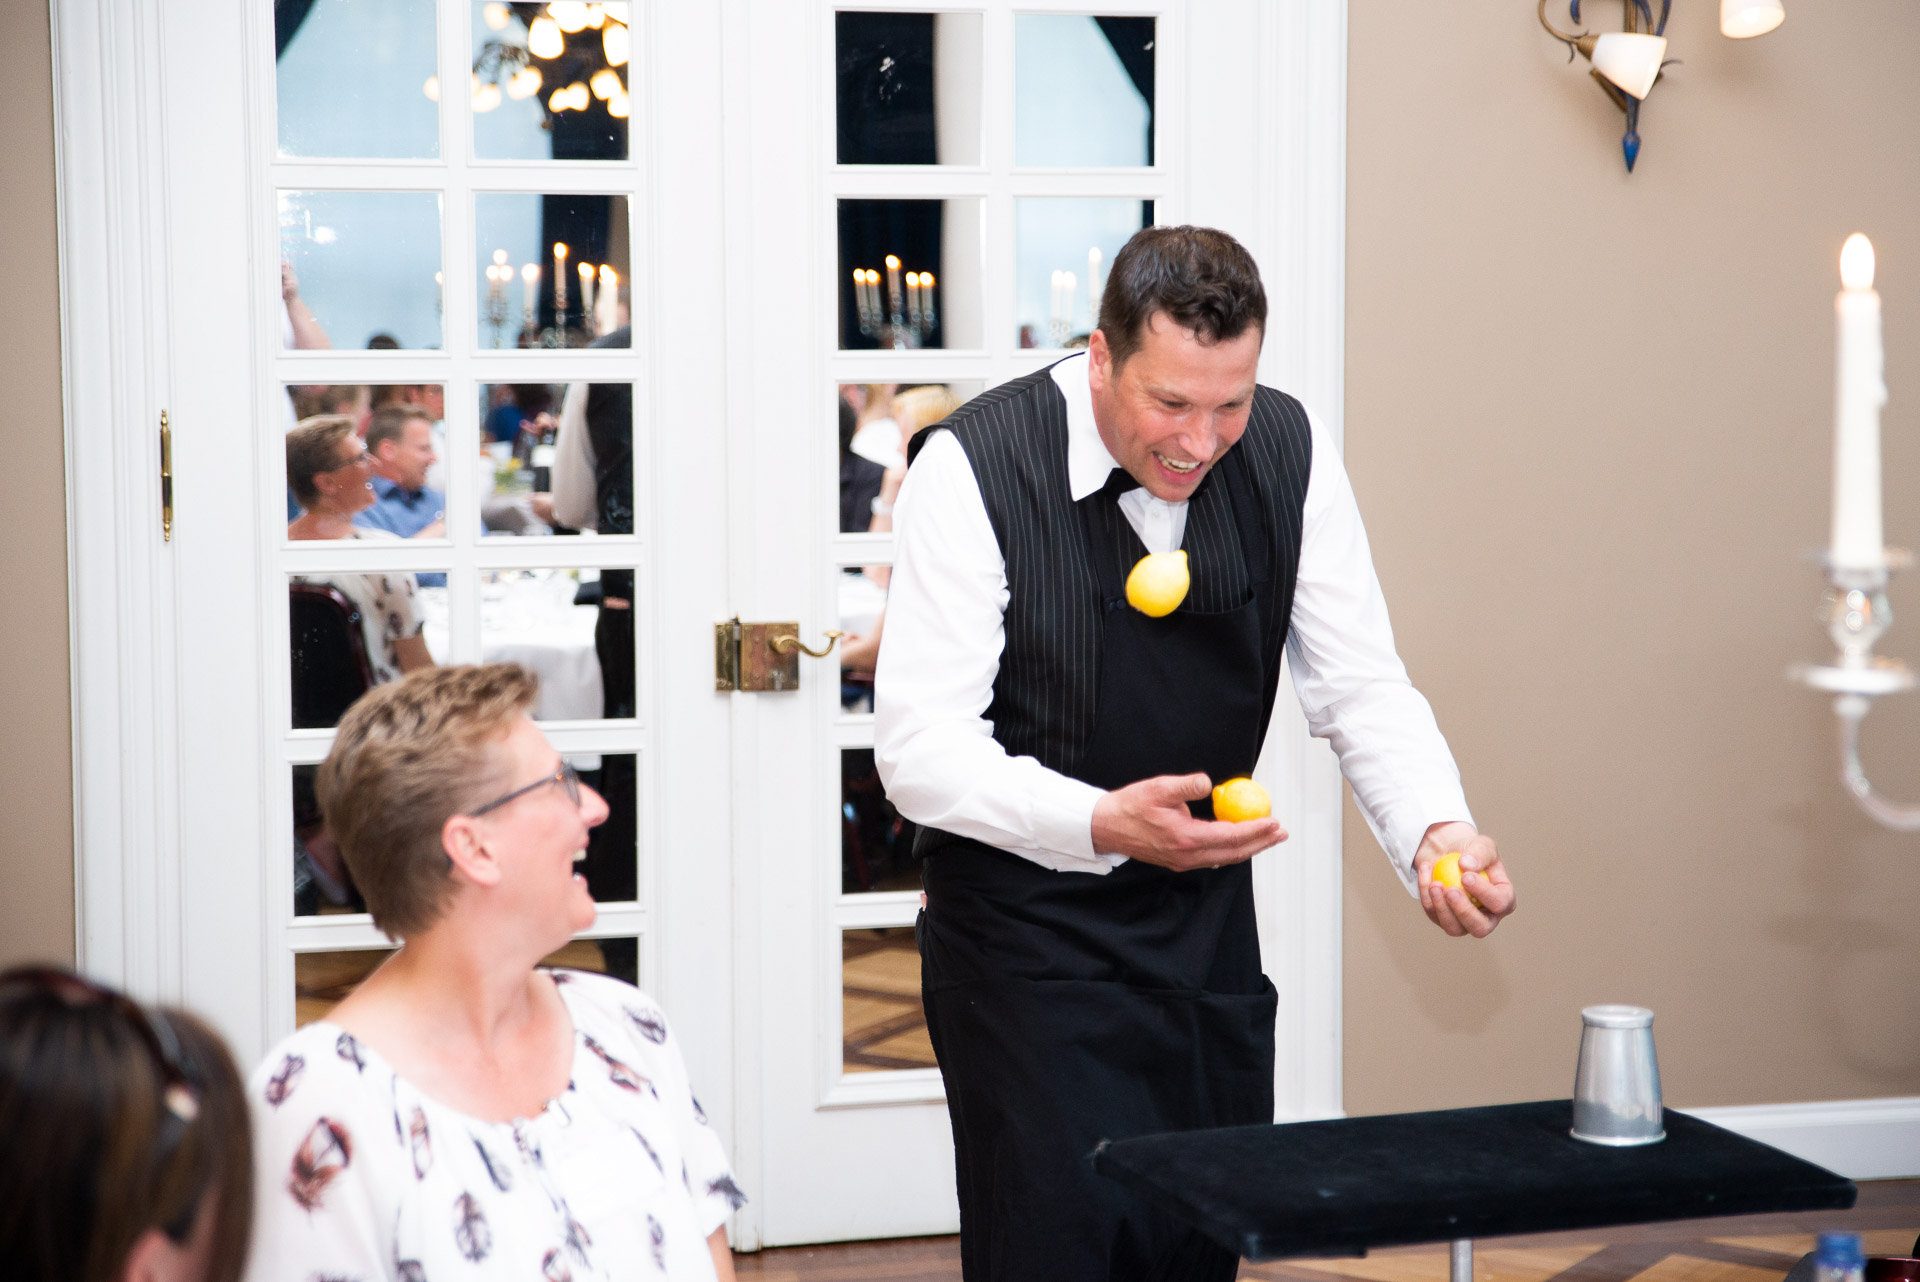 Im Sportschloss Velen bei einer Firmen Feier zeigt Sir Julian Magic und Comedy erfrischend anders mit der Close-Up Zauberei. Table Hopping verblüfft die Galagäste mit grandiosen Tricks und unglaublichen Geschichten. Der Zauberer bringt Ihre Gäste mit seiner natürlichen Lebensfreude an die Grenzen Ihres Verstandes. Eine Erfrischung für Gala, Hochzeit, Jubiläum oder auch gerne als Highlight bei einer Party. Zauberkunst mit Sir Julian. Zaubern hautnah #zauberer #zauberei #closeup #magic #willkommenimspass